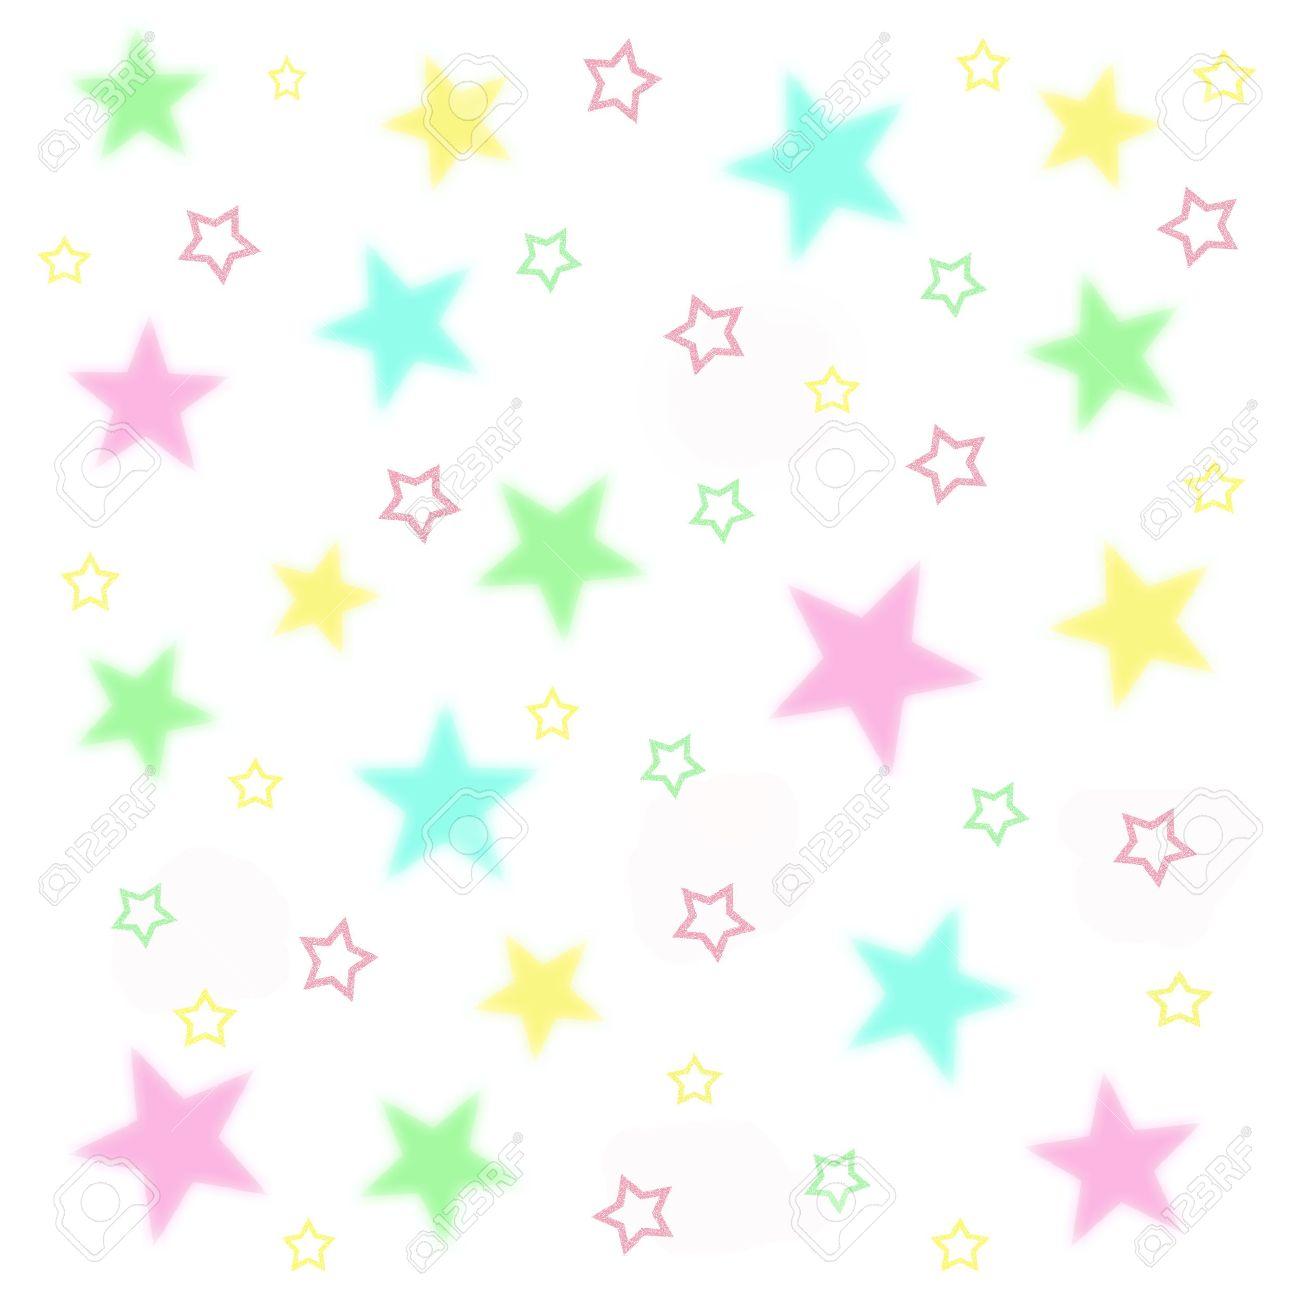 ファジィ赤ちゃん白い背景イラスト星 ロイヤリティーフリーフォト